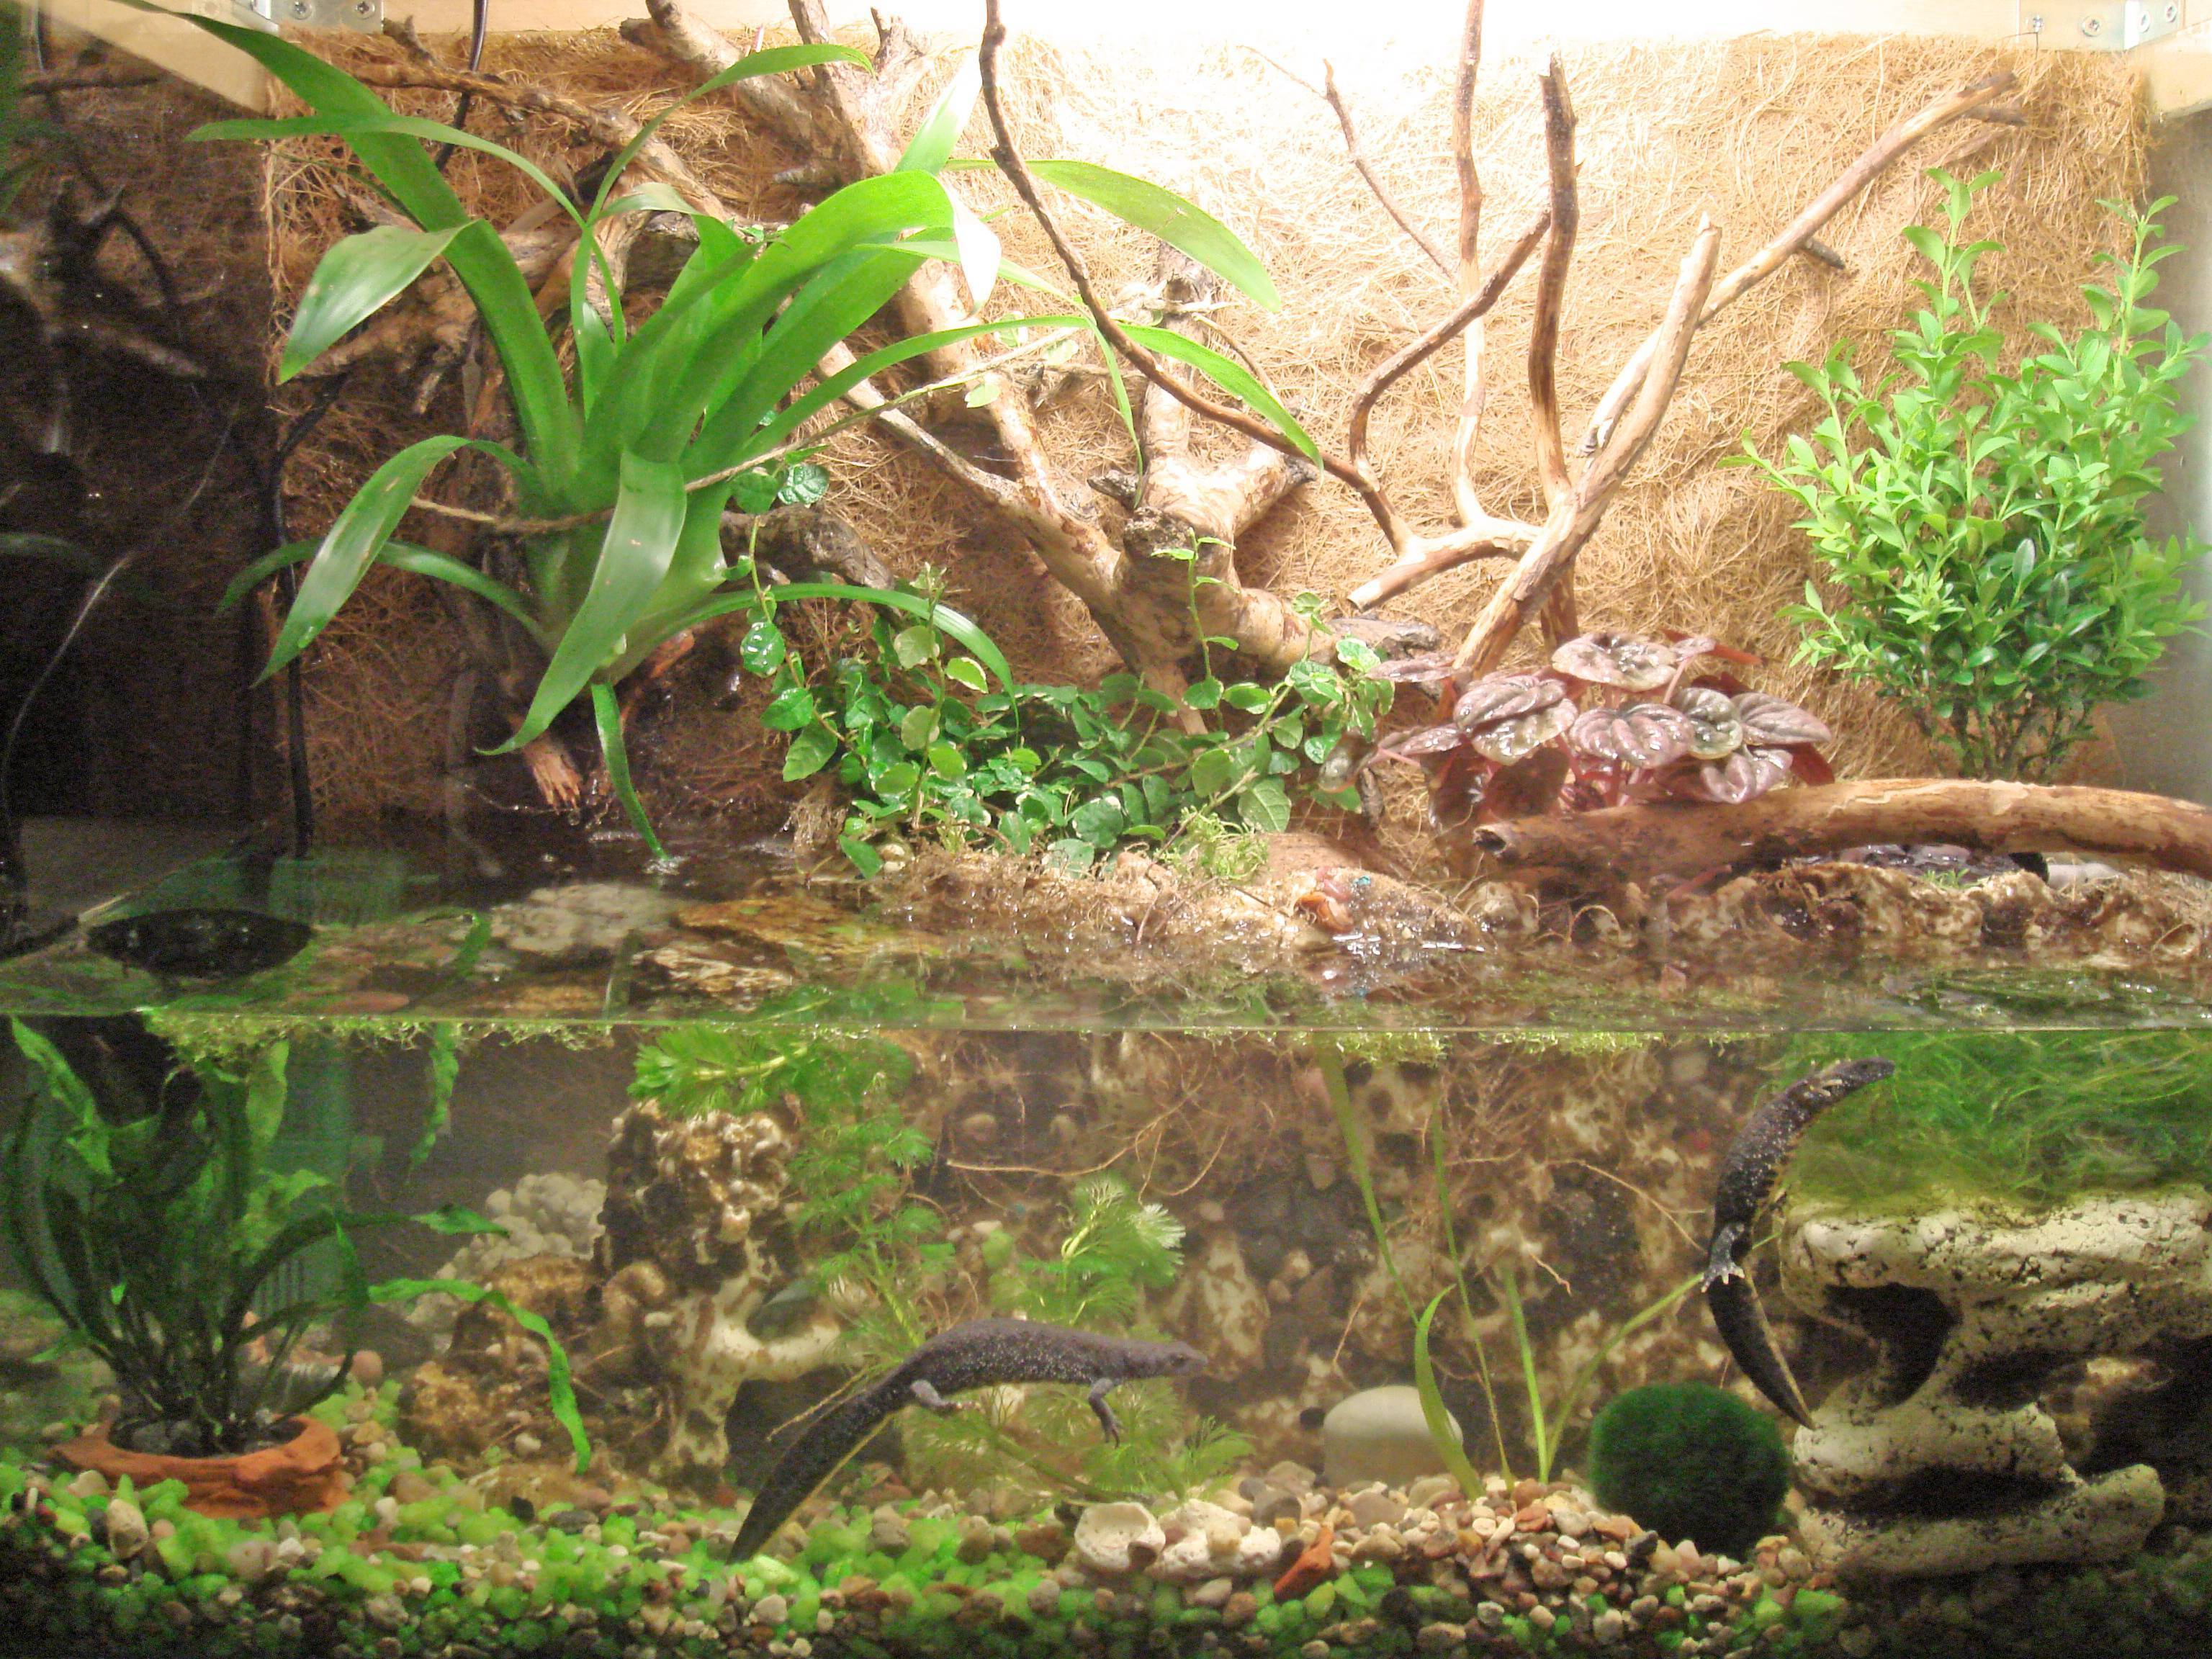 Тритон испанский иглистый: правильный уход, размножение, обустройство аквариума